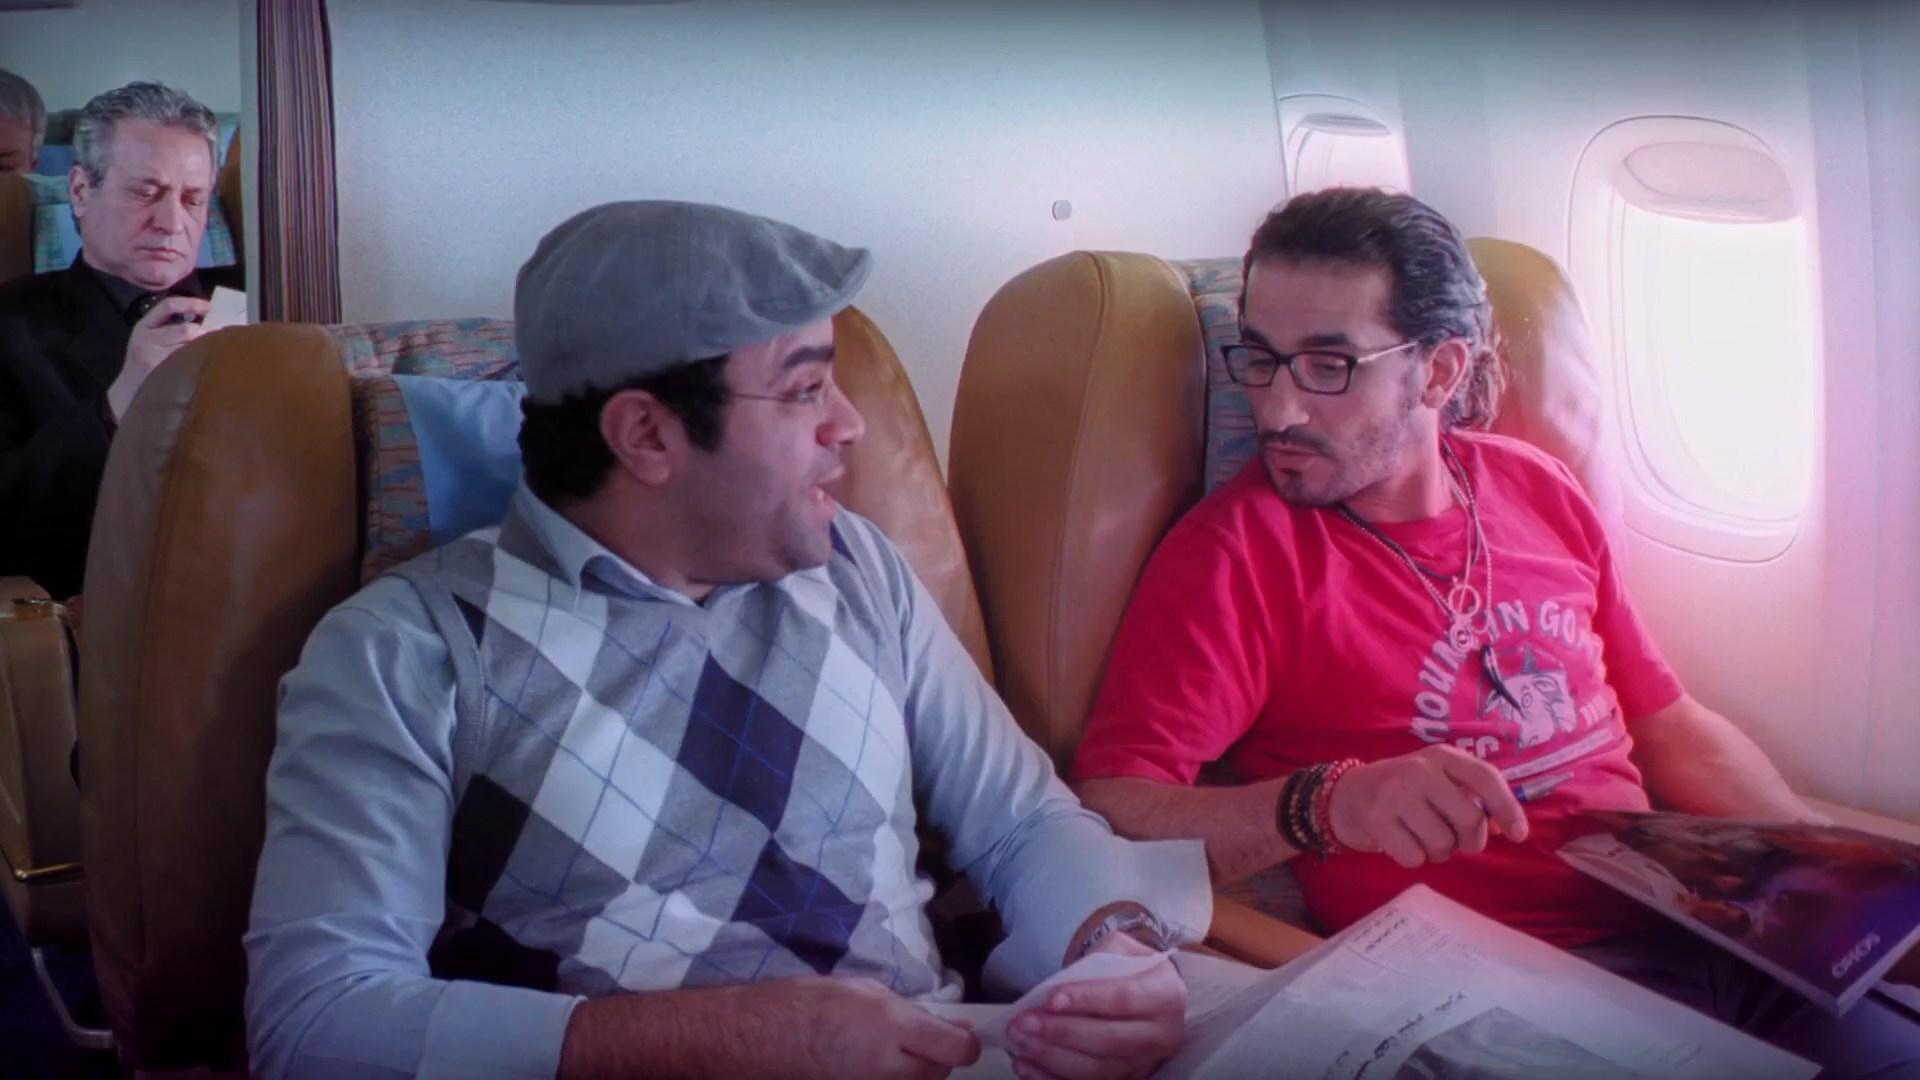 [فيلم][تورنت][تحميل][عسل أسود][2010][1080p][Web-DL] 5 arabp2p.com